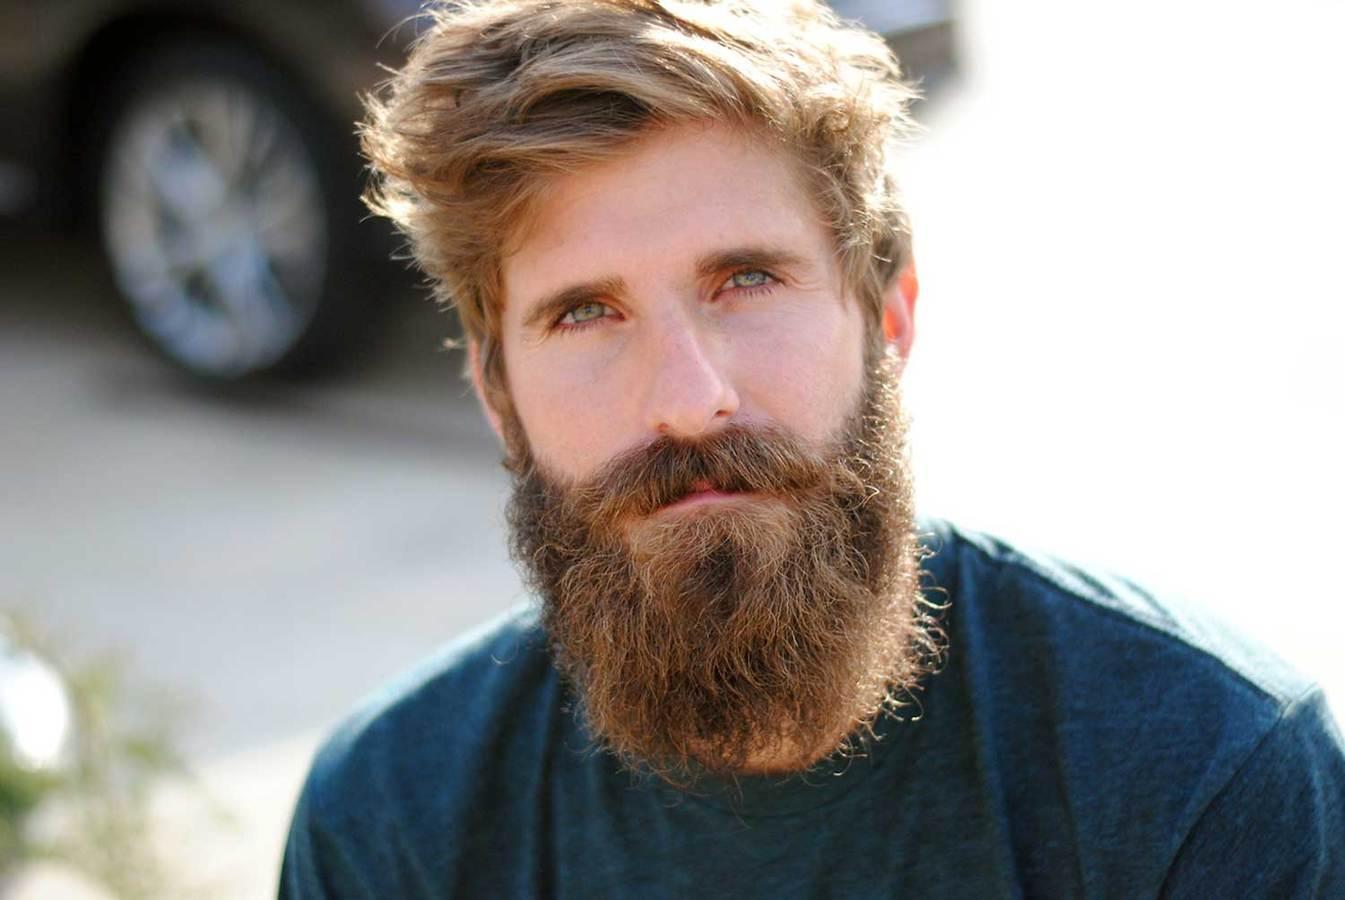 борода и репейное масло